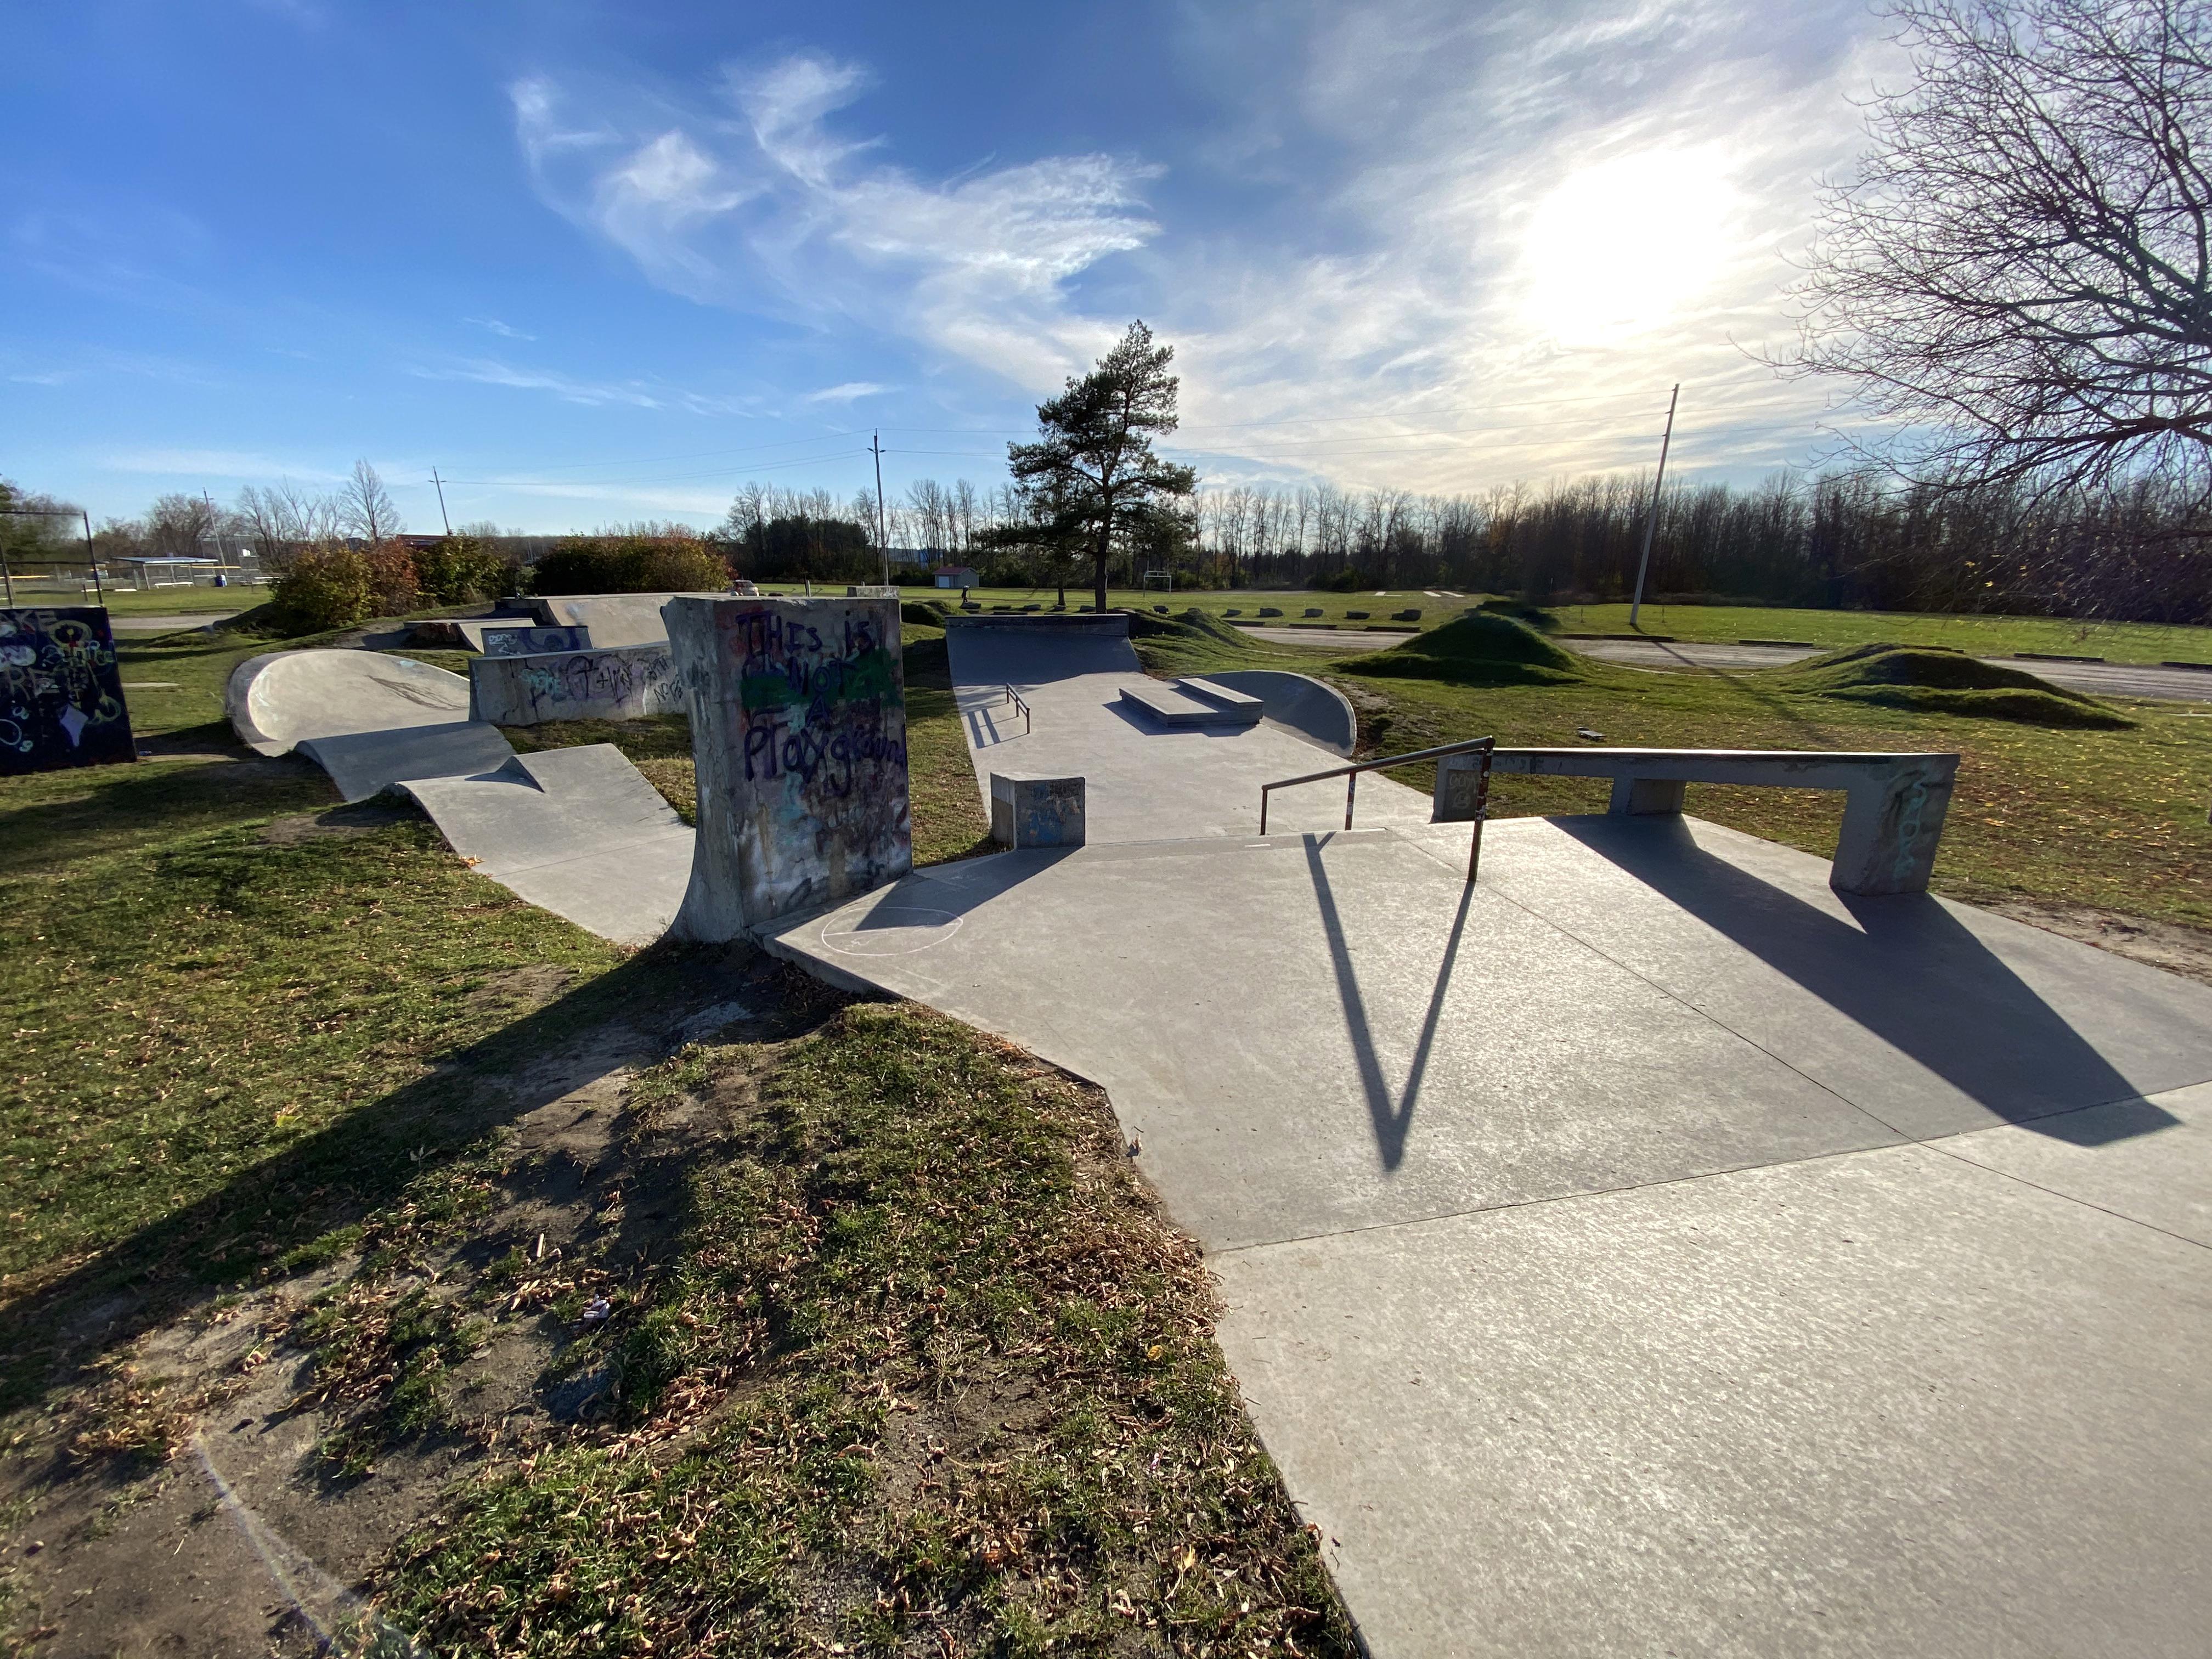 kemptville skatepark from the entrance